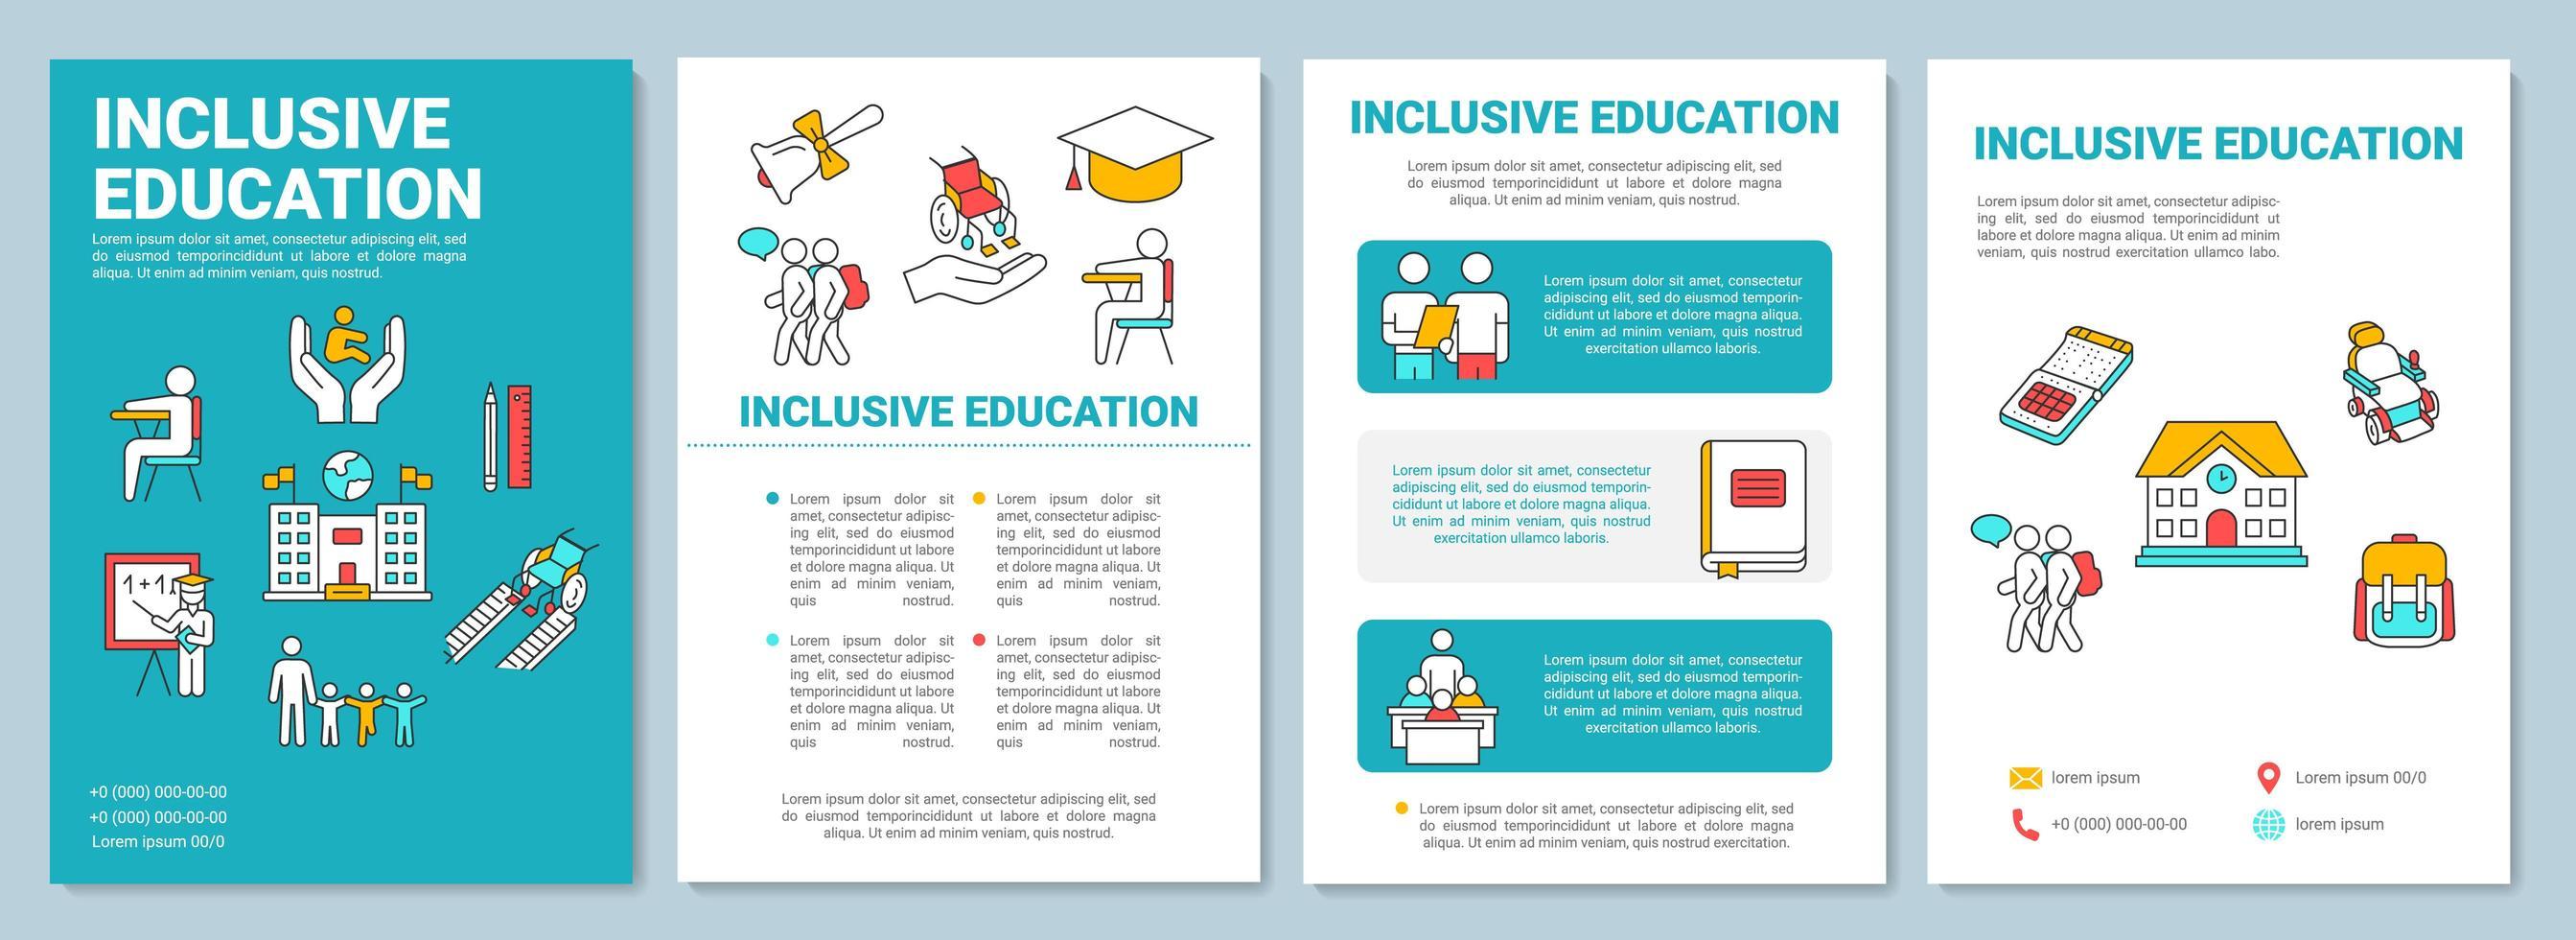 inclusief onderwijs brochure sjabloon. leerprogramma voor gehandicapten. vector